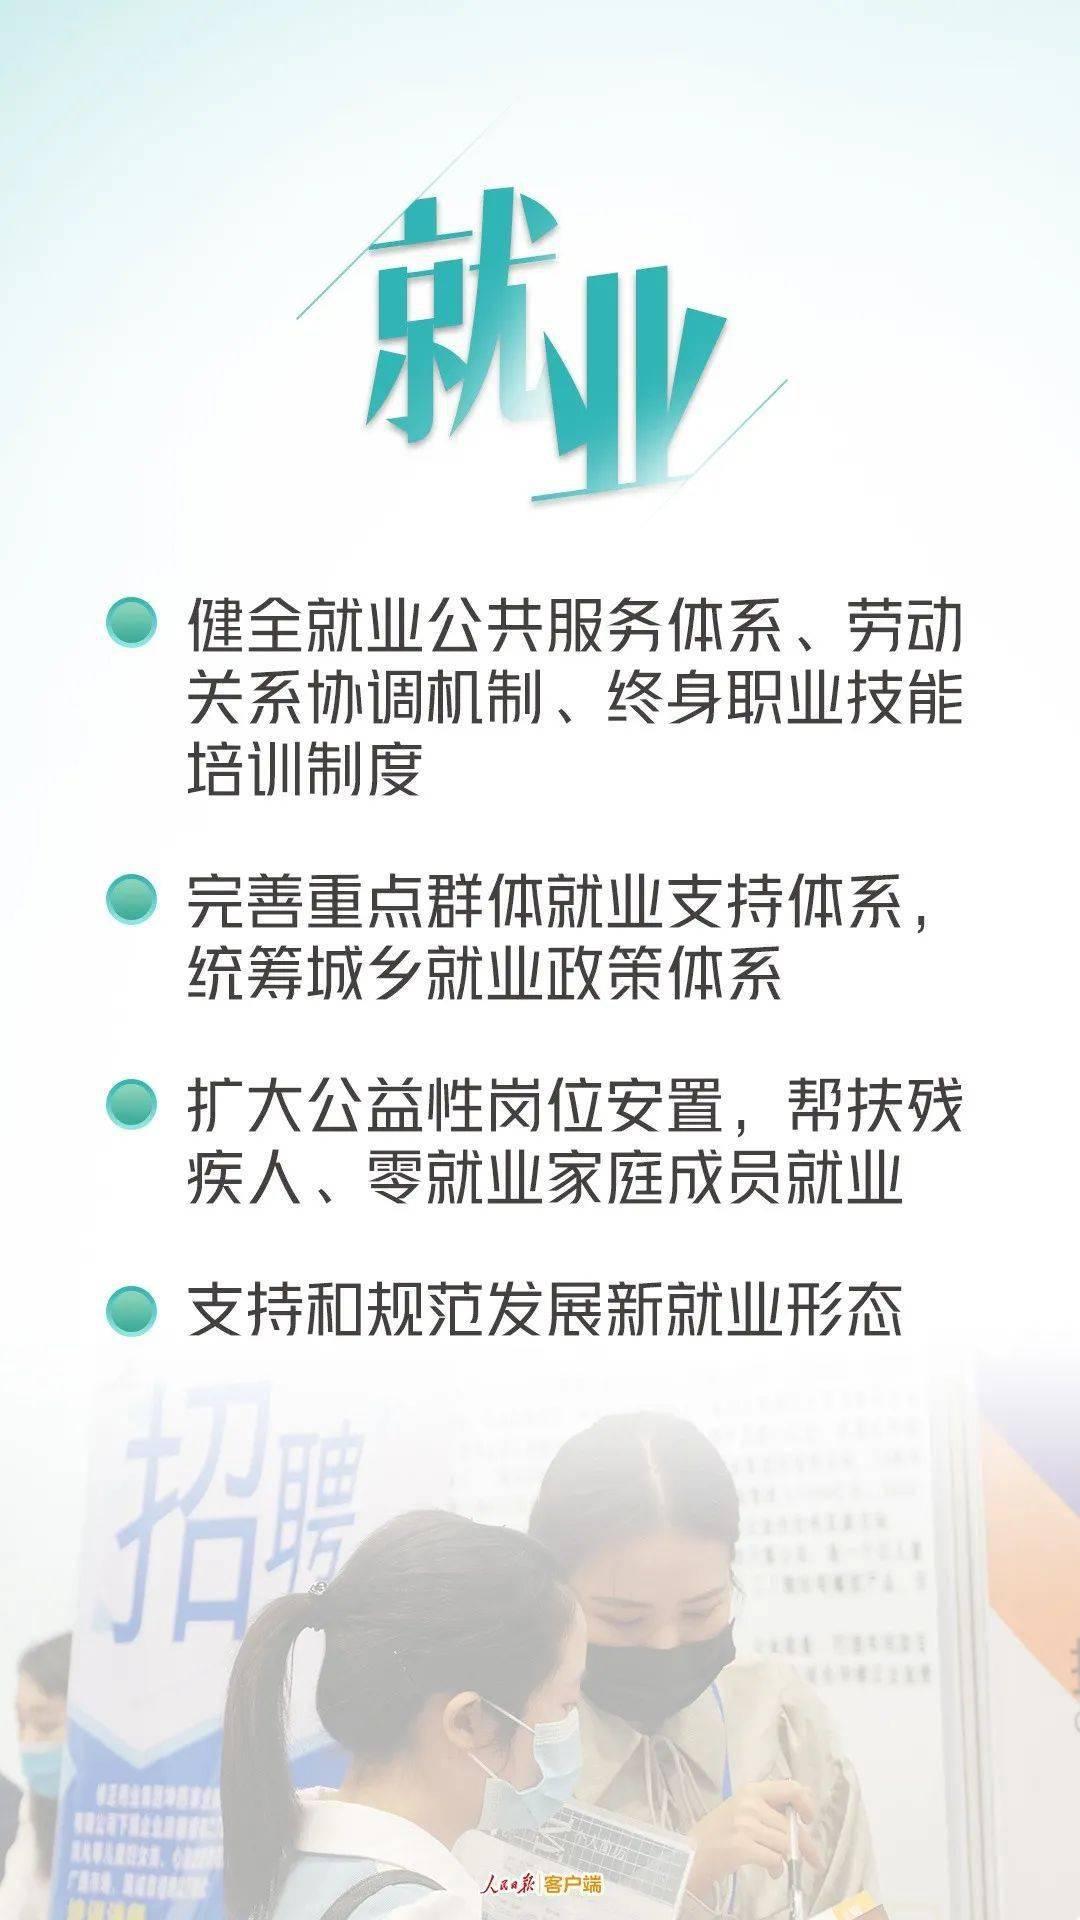 社区胡乱发放人口普查经费_人口普查